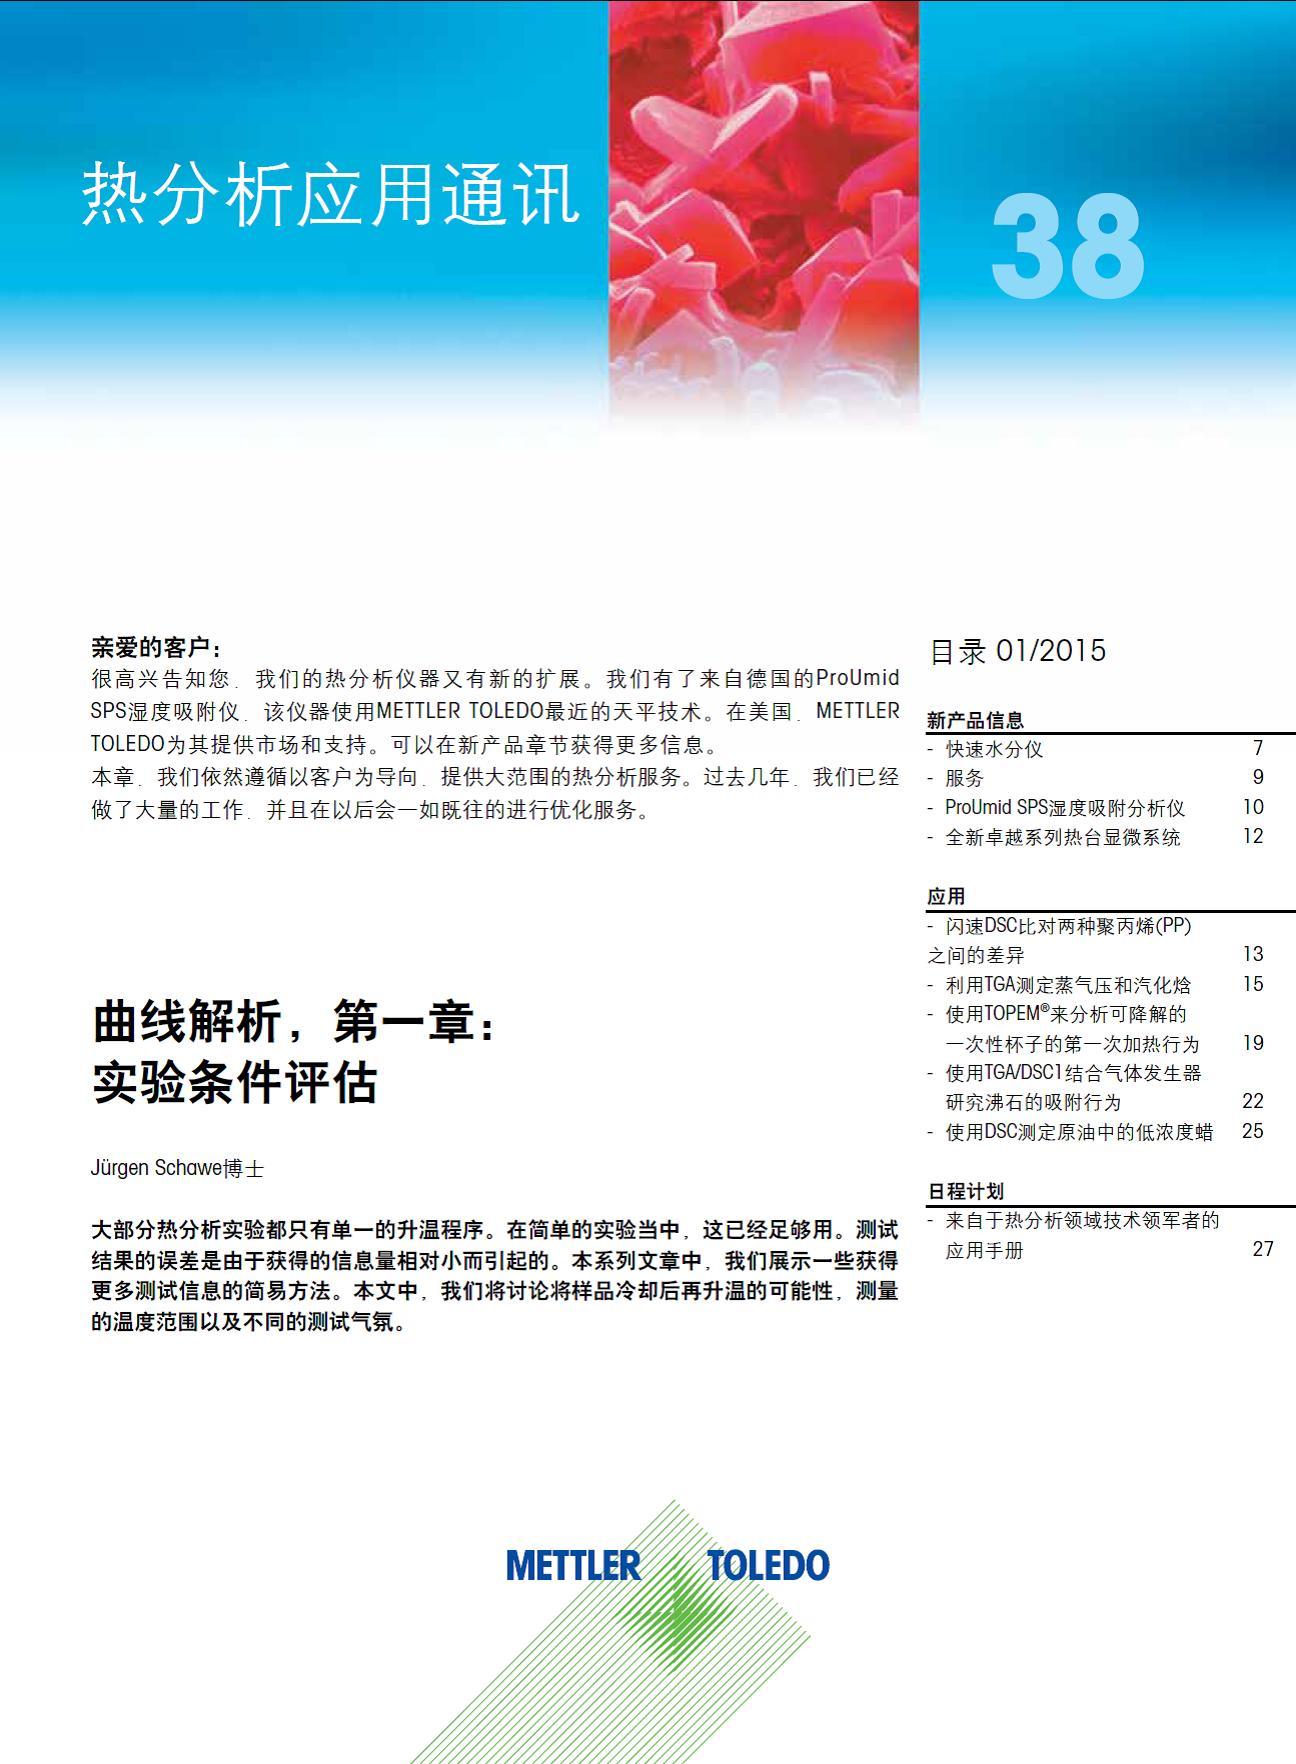 梅特勒天平-XS105DU操作规程 - 豆丁网